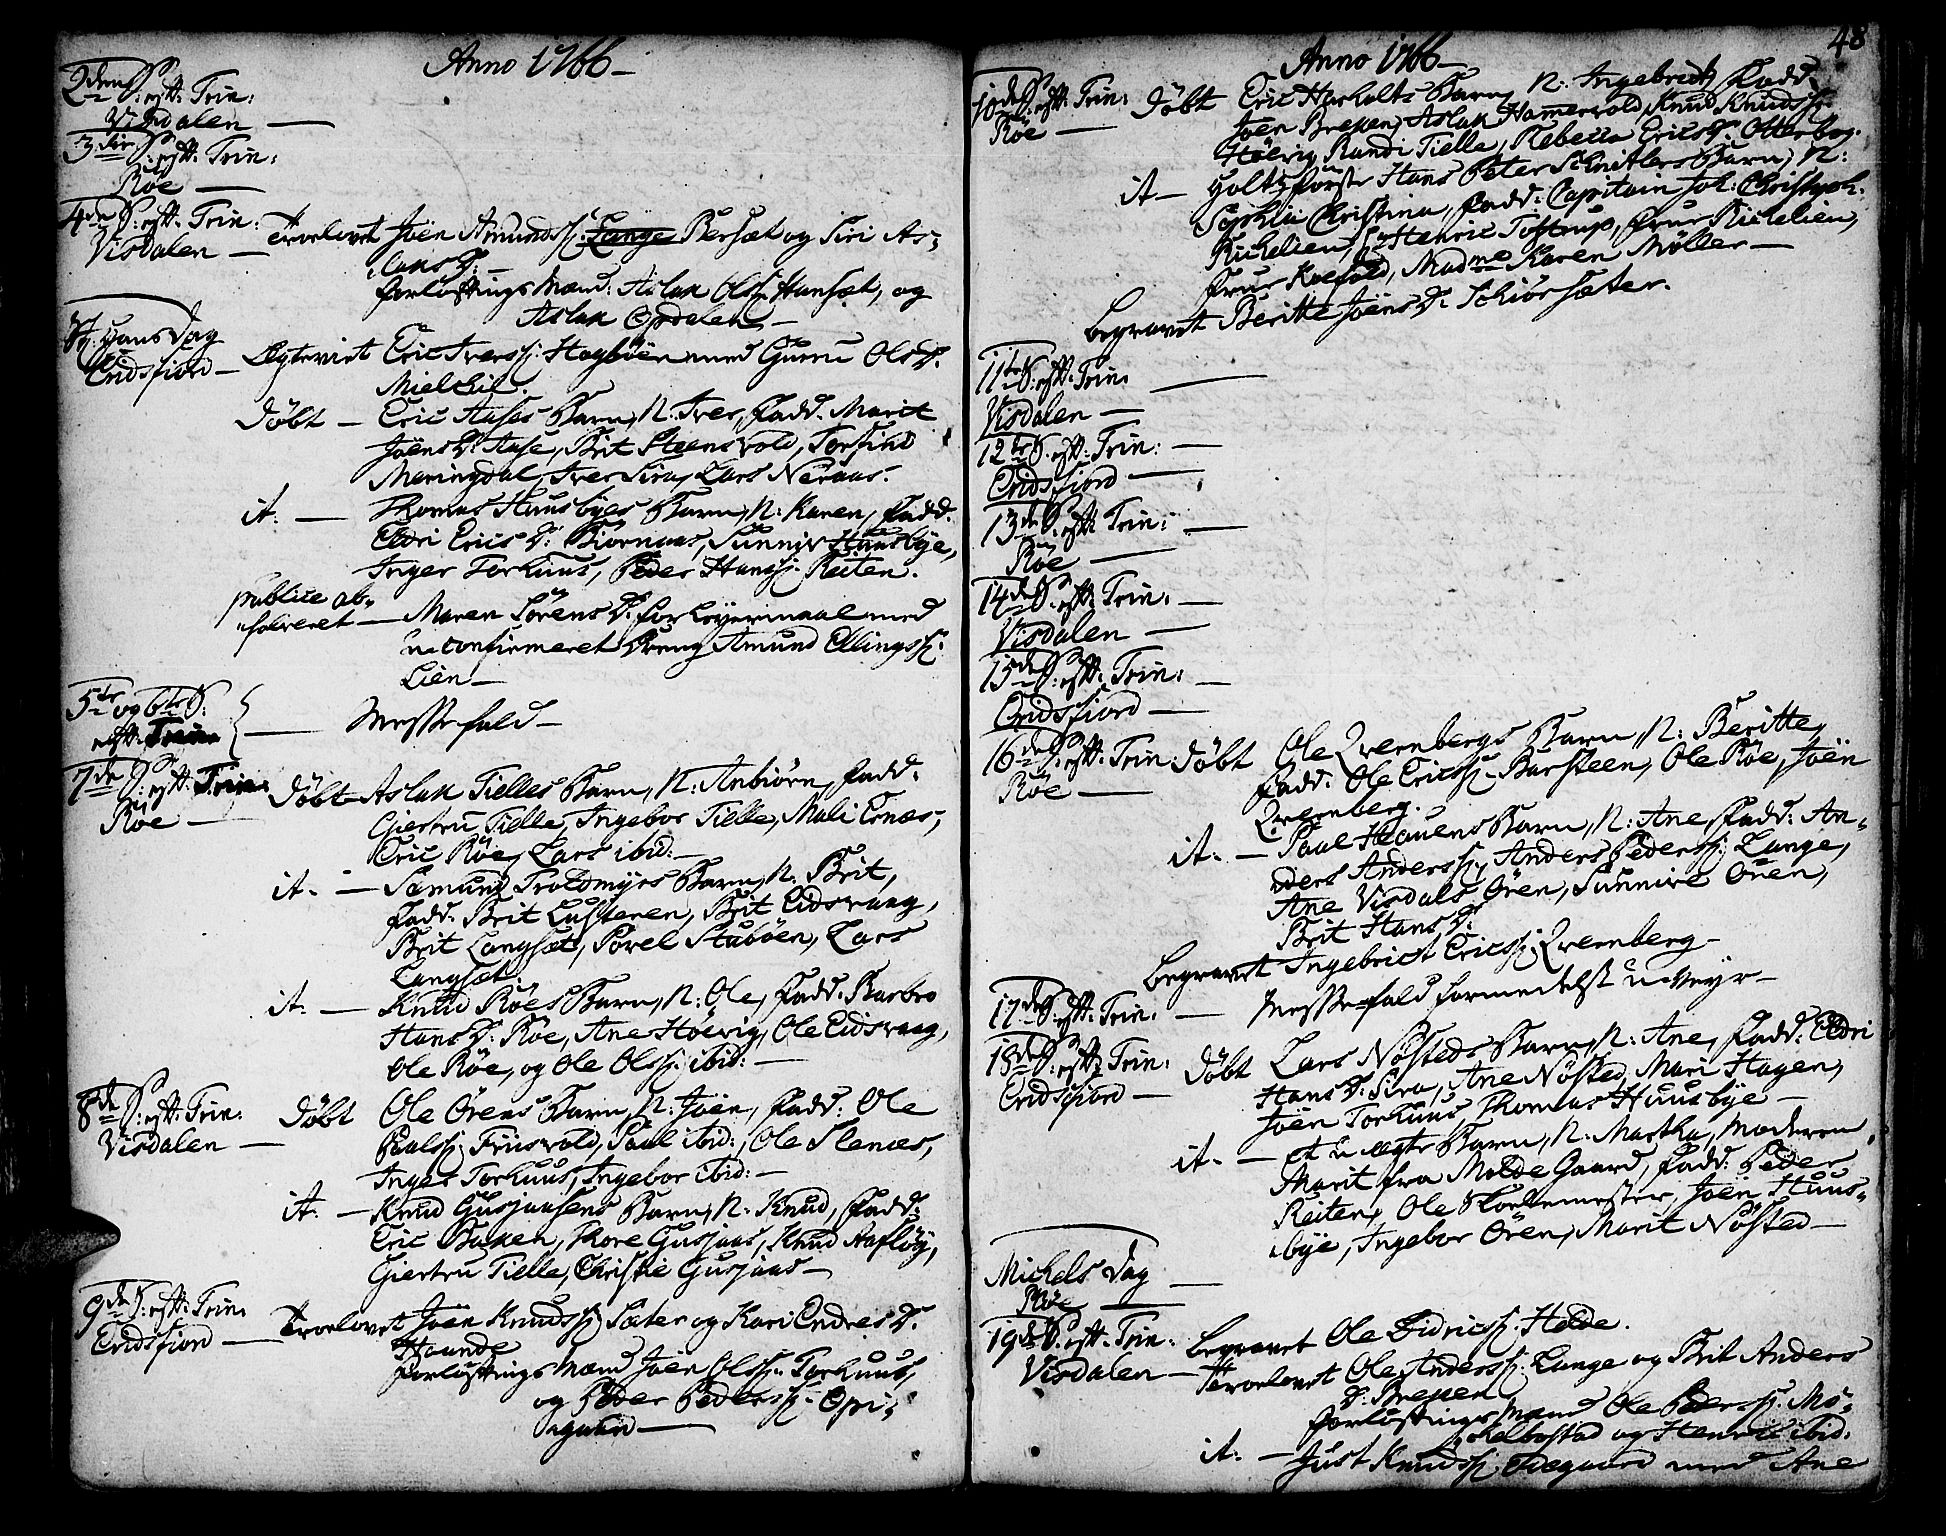 SAT, Ministerialprotokoller, klokkerbøker og fødselsregistre - Møre og Romsdal, 551/L0621: Ministerialbok nr. 551A01, 1757-1803, s. 48